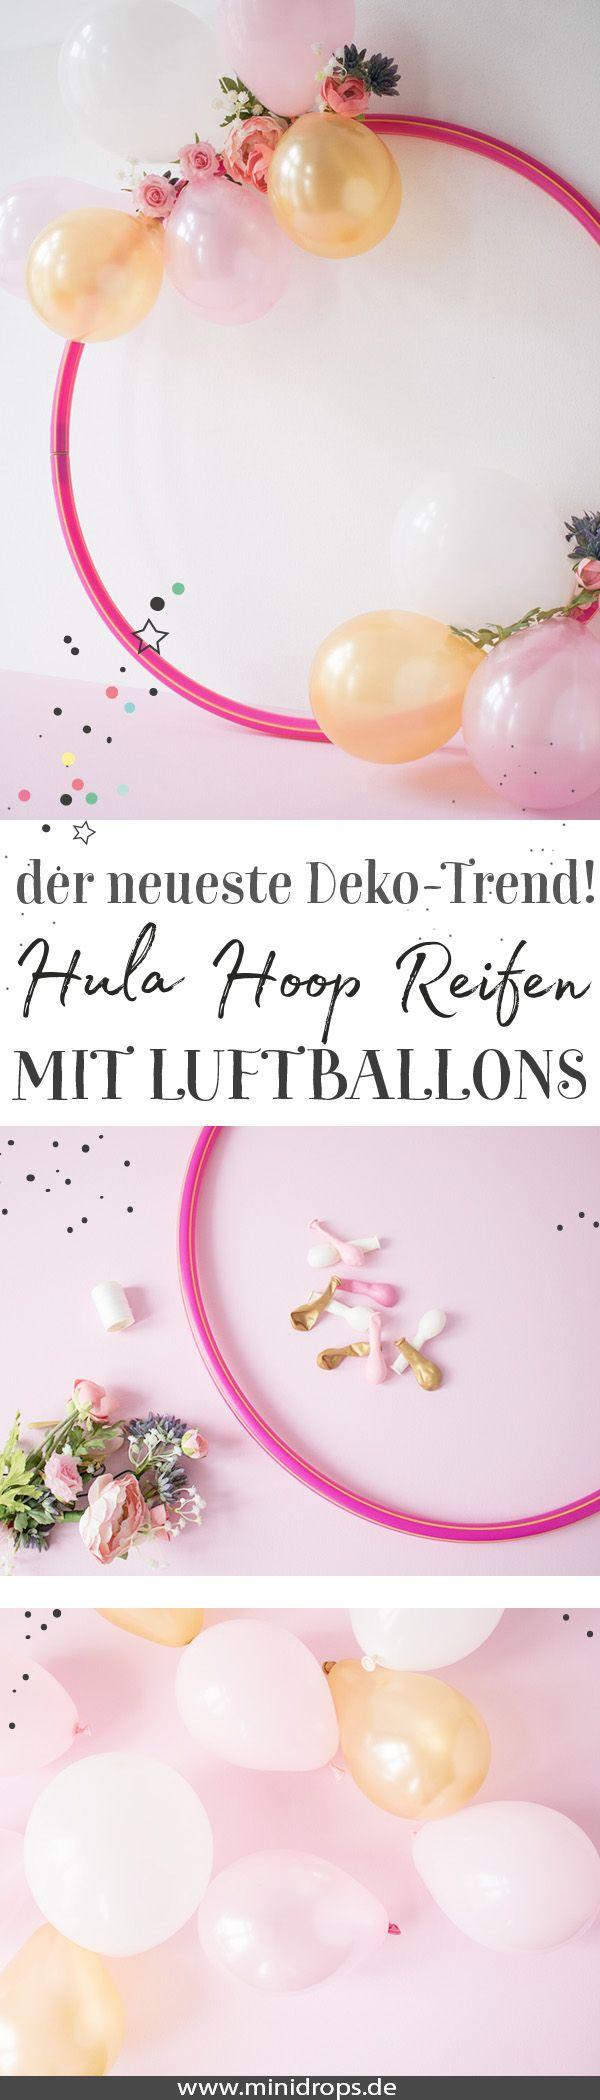 Hula Hoop Reifen mit Luftballons – minidrops – DIY Ideen: Party, Deko und Basteln